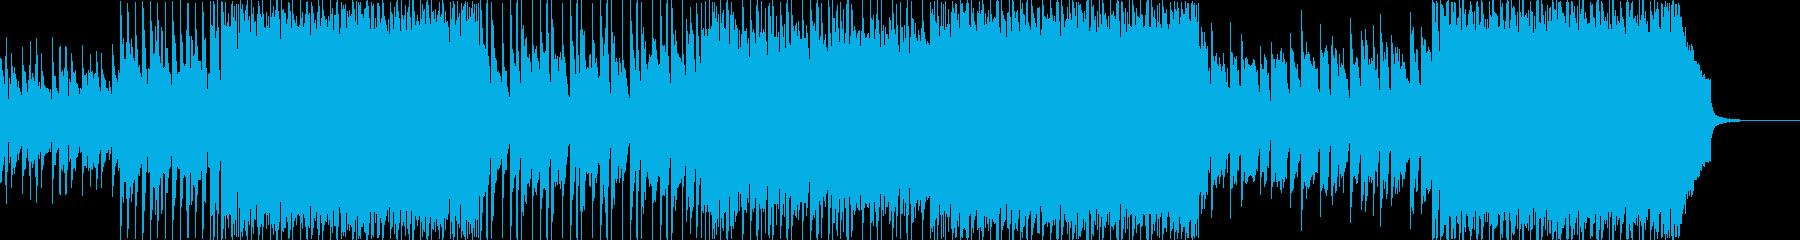 前向きで透明感のある可愛いポップな楽曲。の再生済みの波形